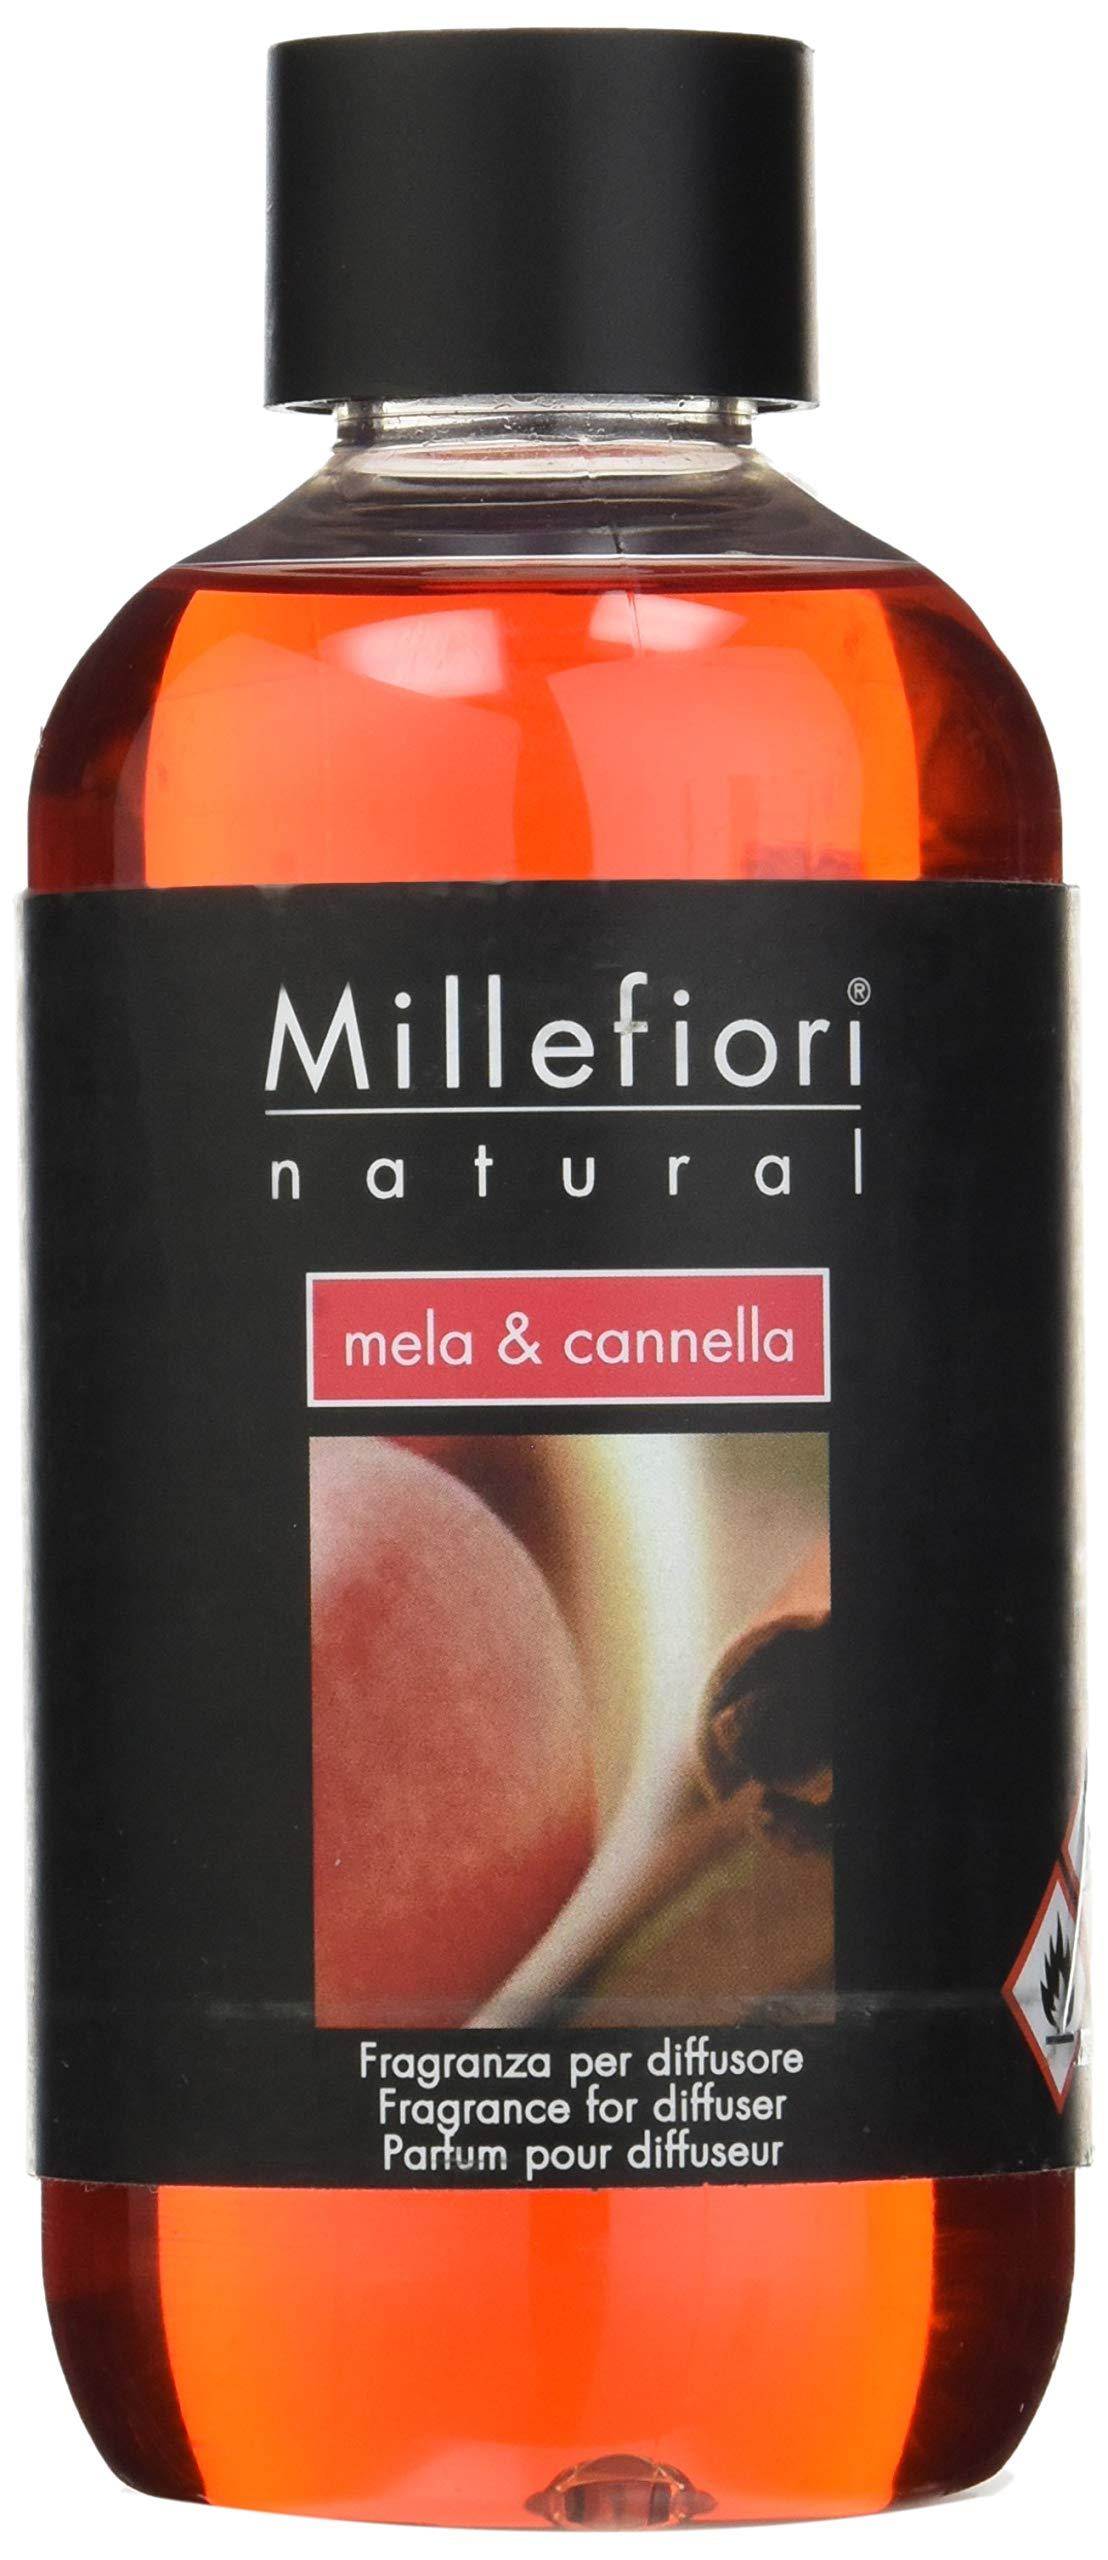 Mela Cannella (Cinn Apple) Millefiori Milano Reed or Ceramic Diffuser Oil Refill by Millefiori